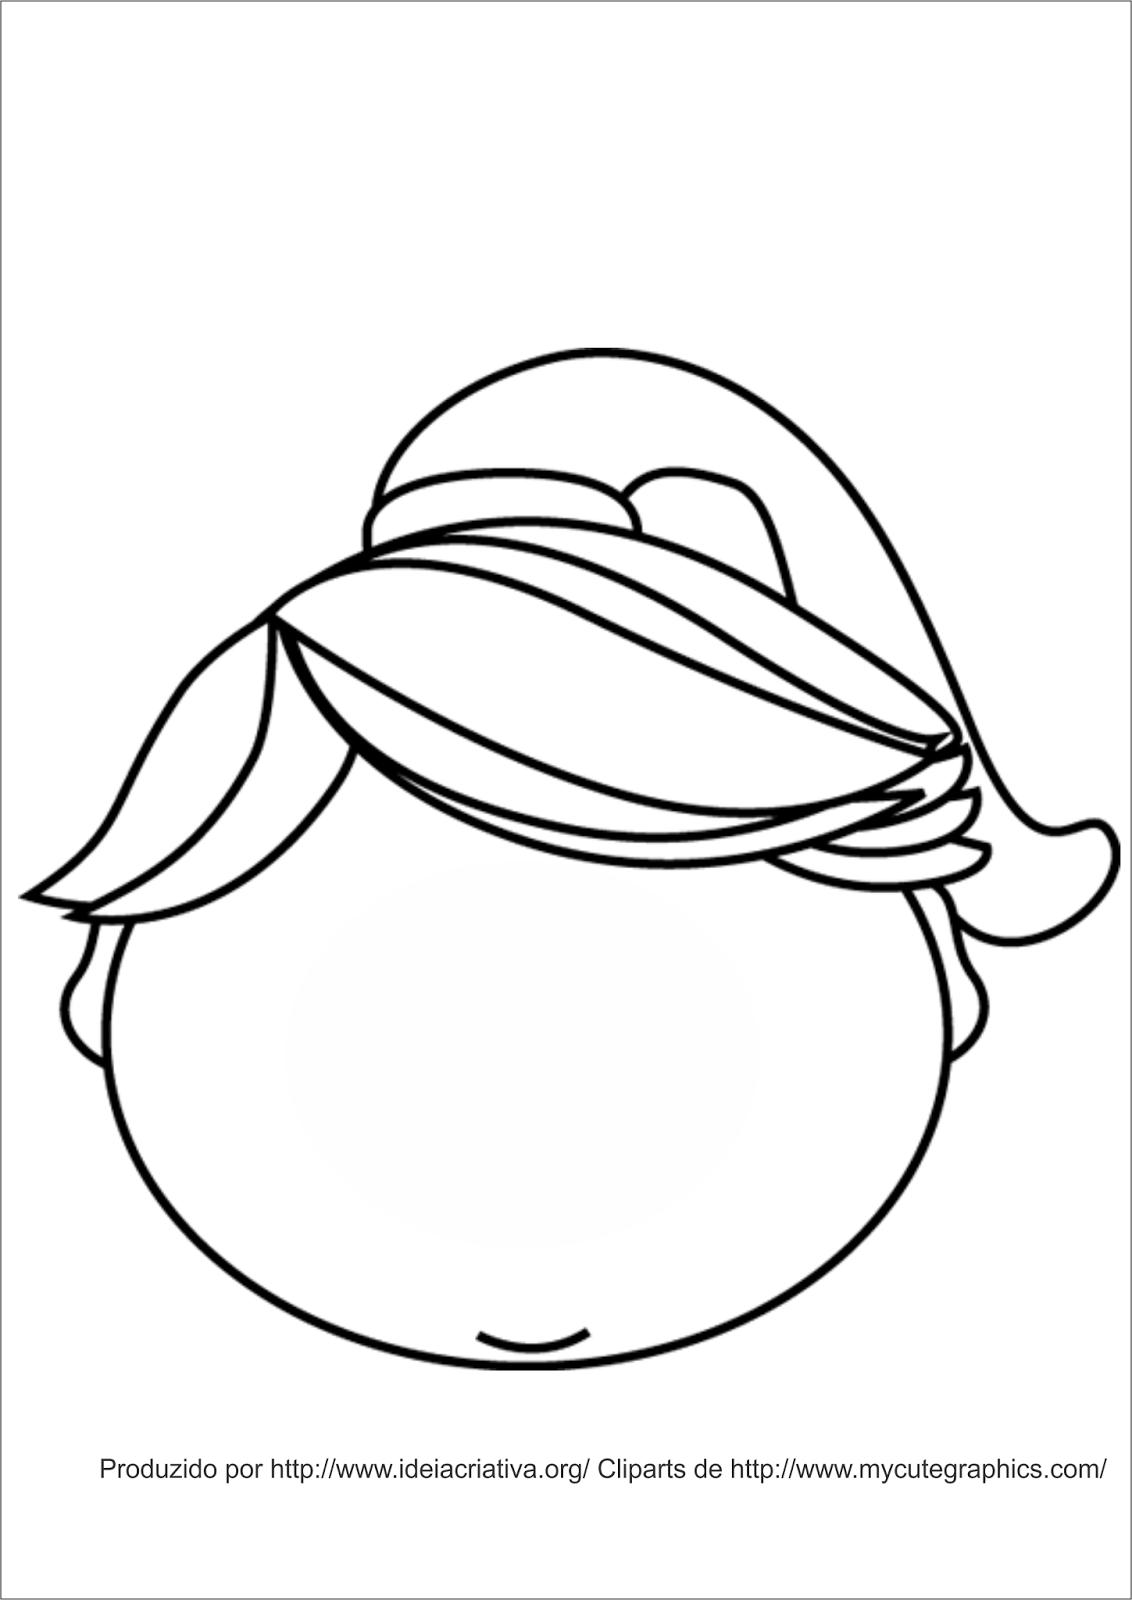 desenho de uma melancia para colorir